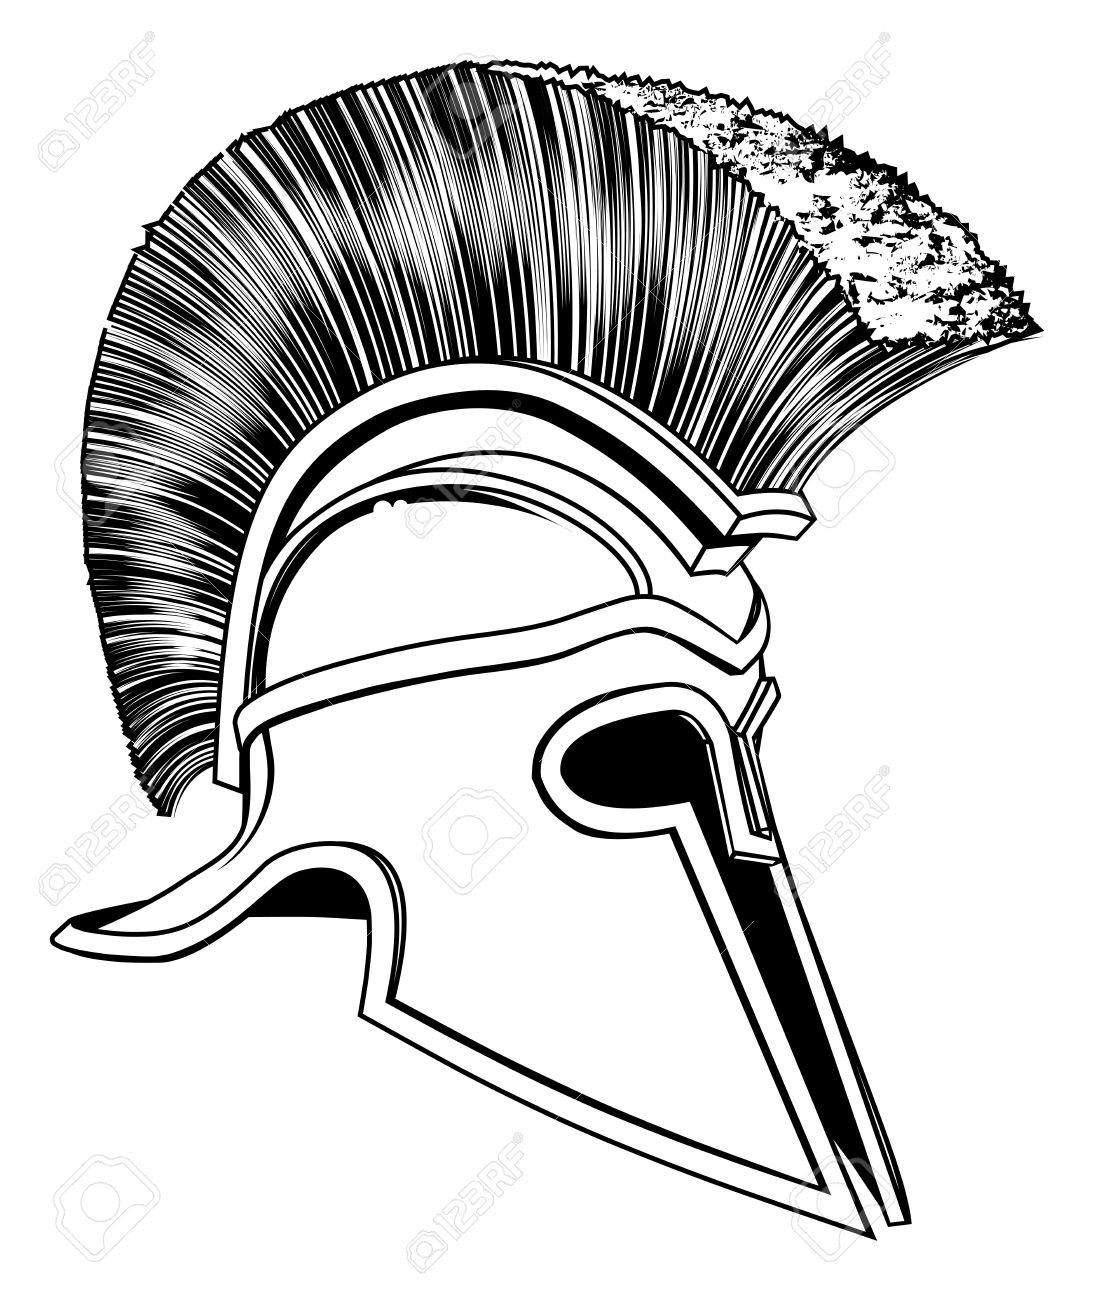 1094x1300 Graphic Of A Bronze Trojan Helmet, Spartan Helmet, Roman Helmet